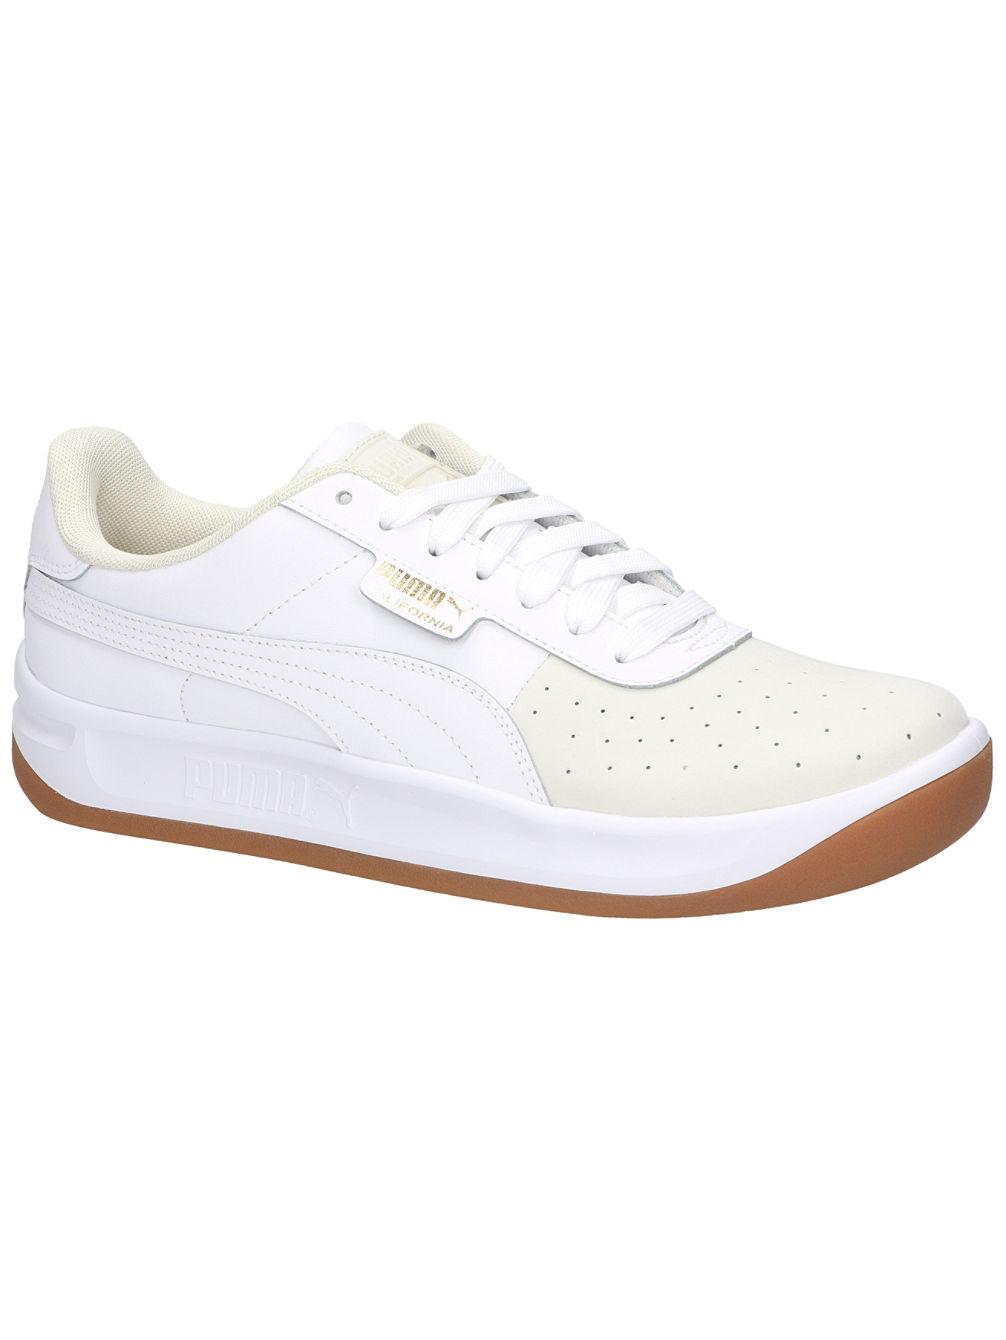 0c80e78cb14 Puma California Exotic Sneakers online kopen bij Blue Tomato